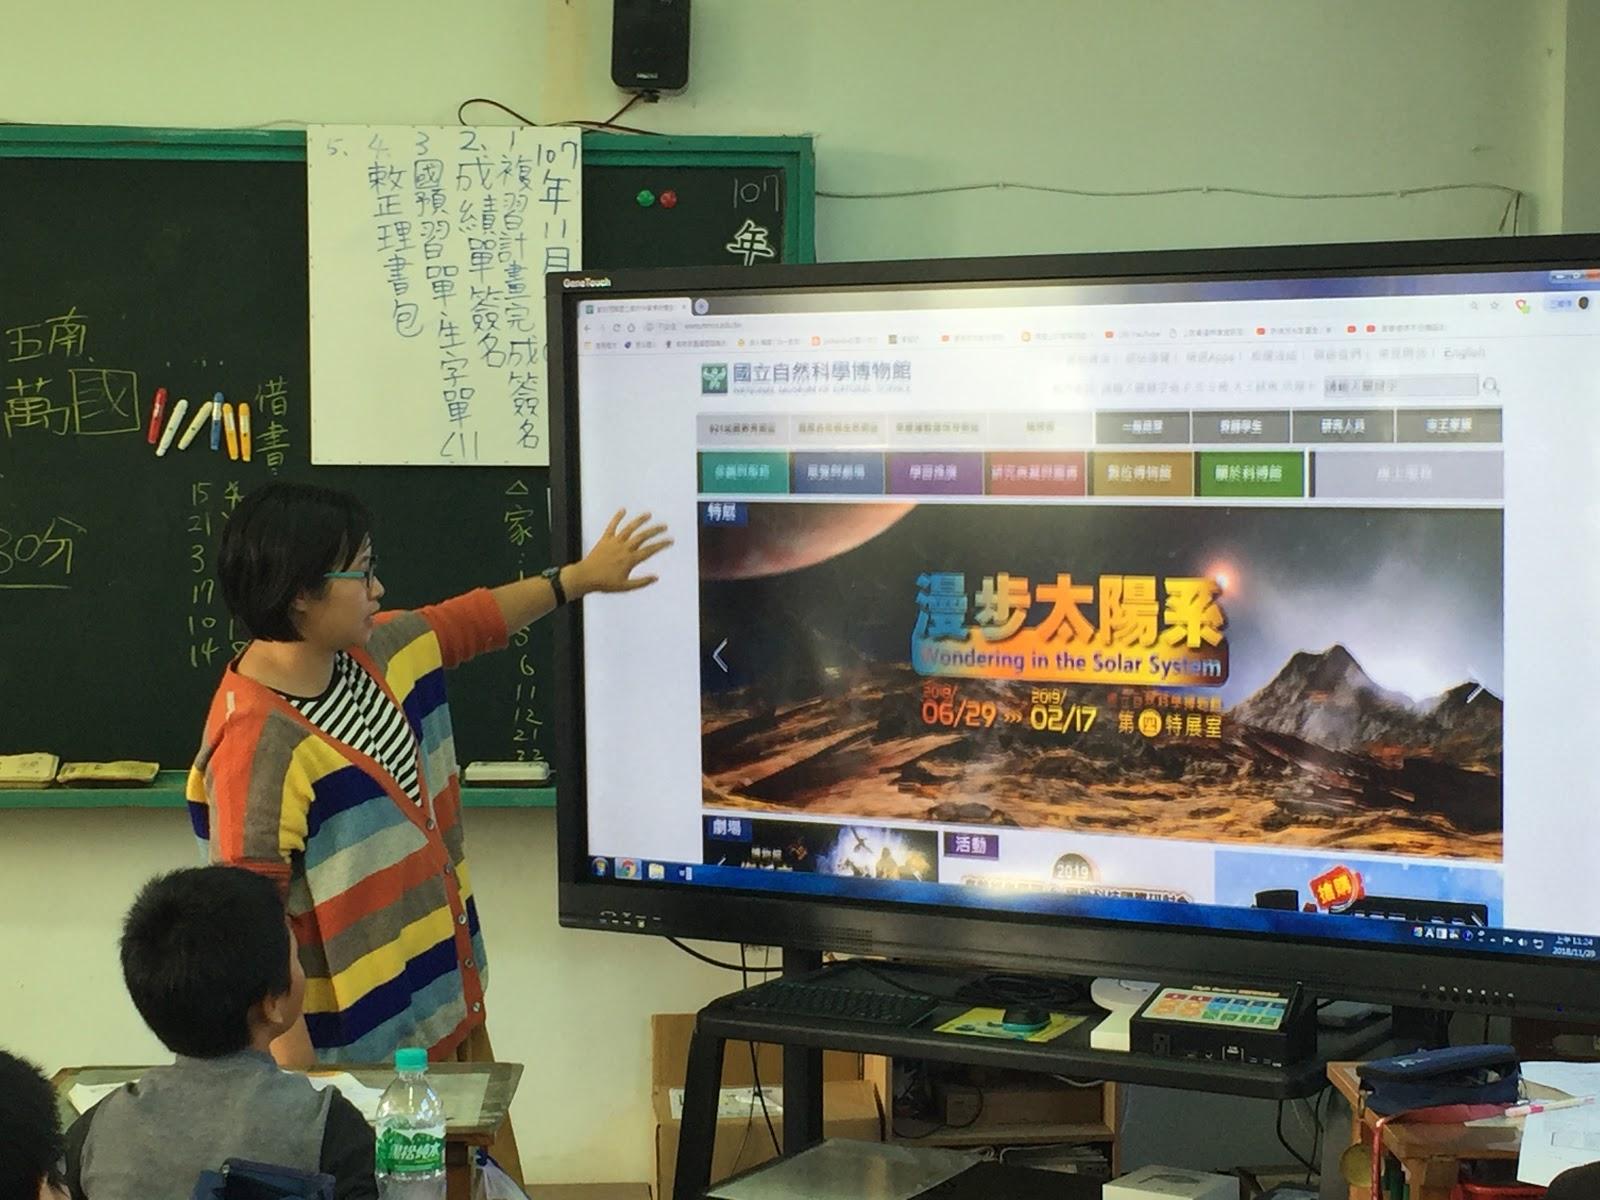 怡辰老師示範示範如何探索科博館網站